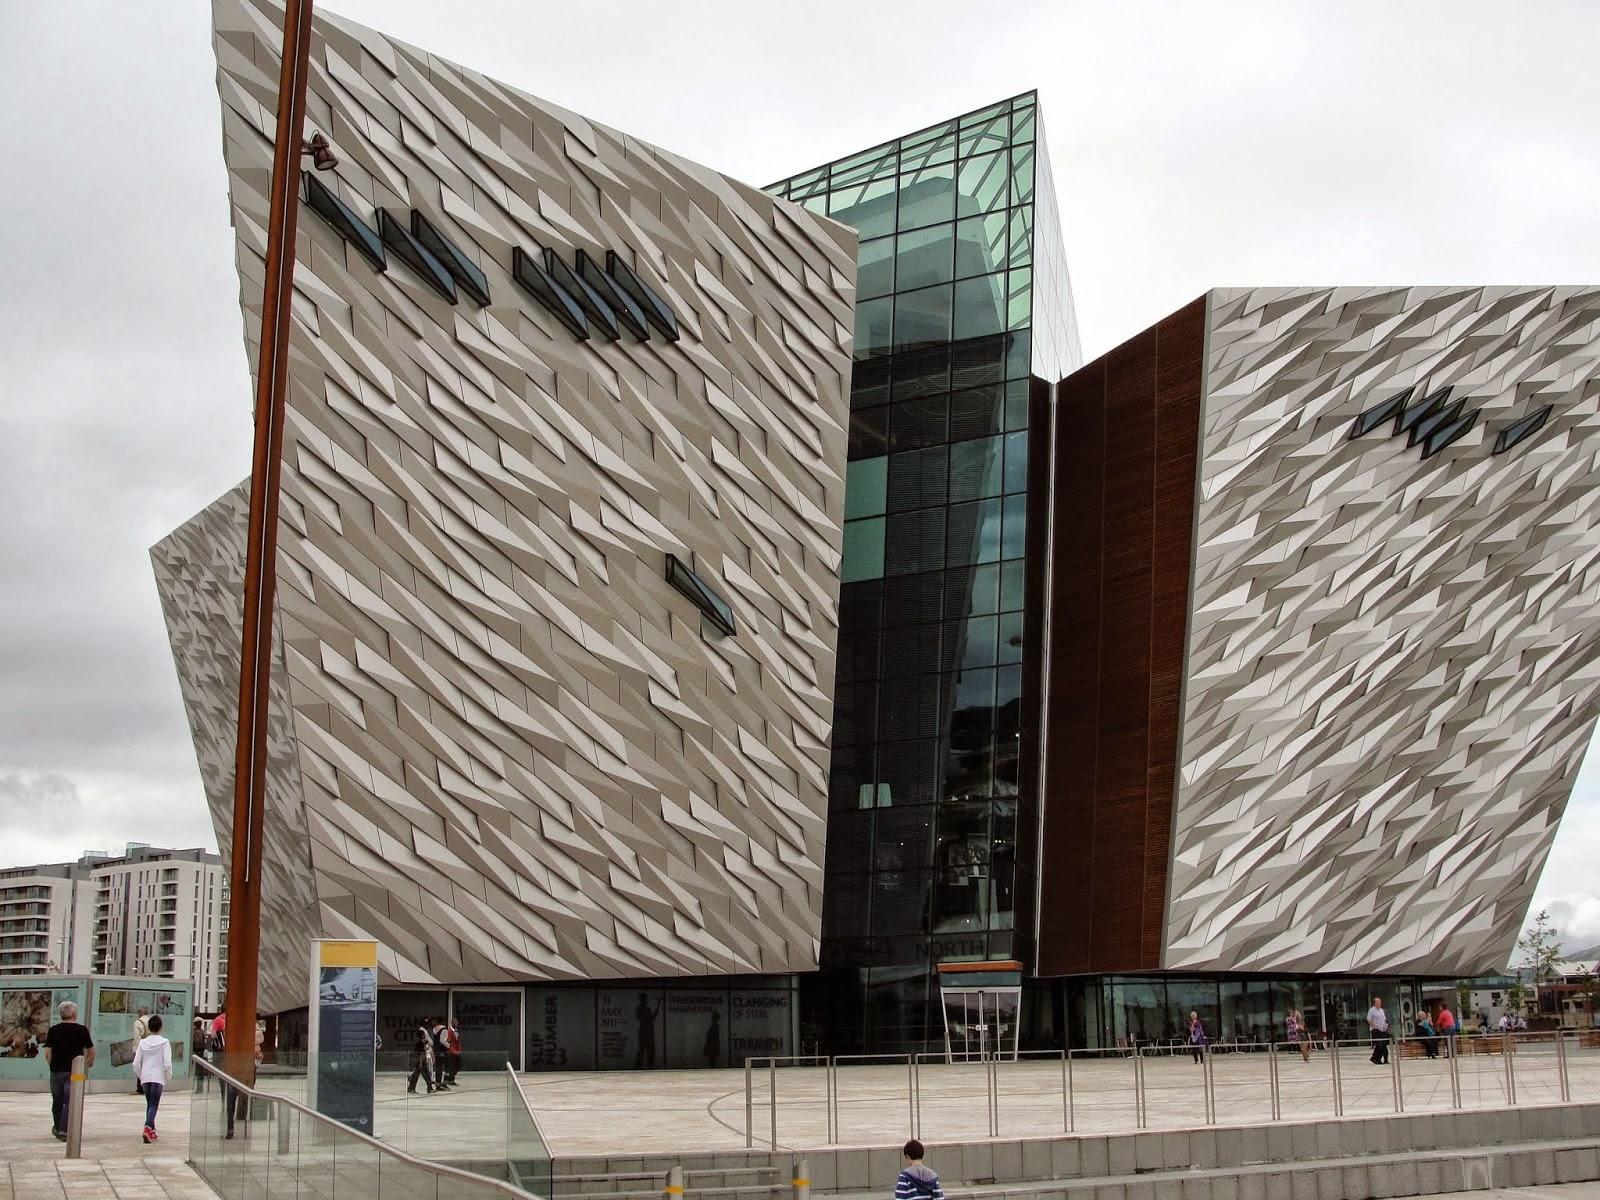 Mijn bezoek aan Belfast